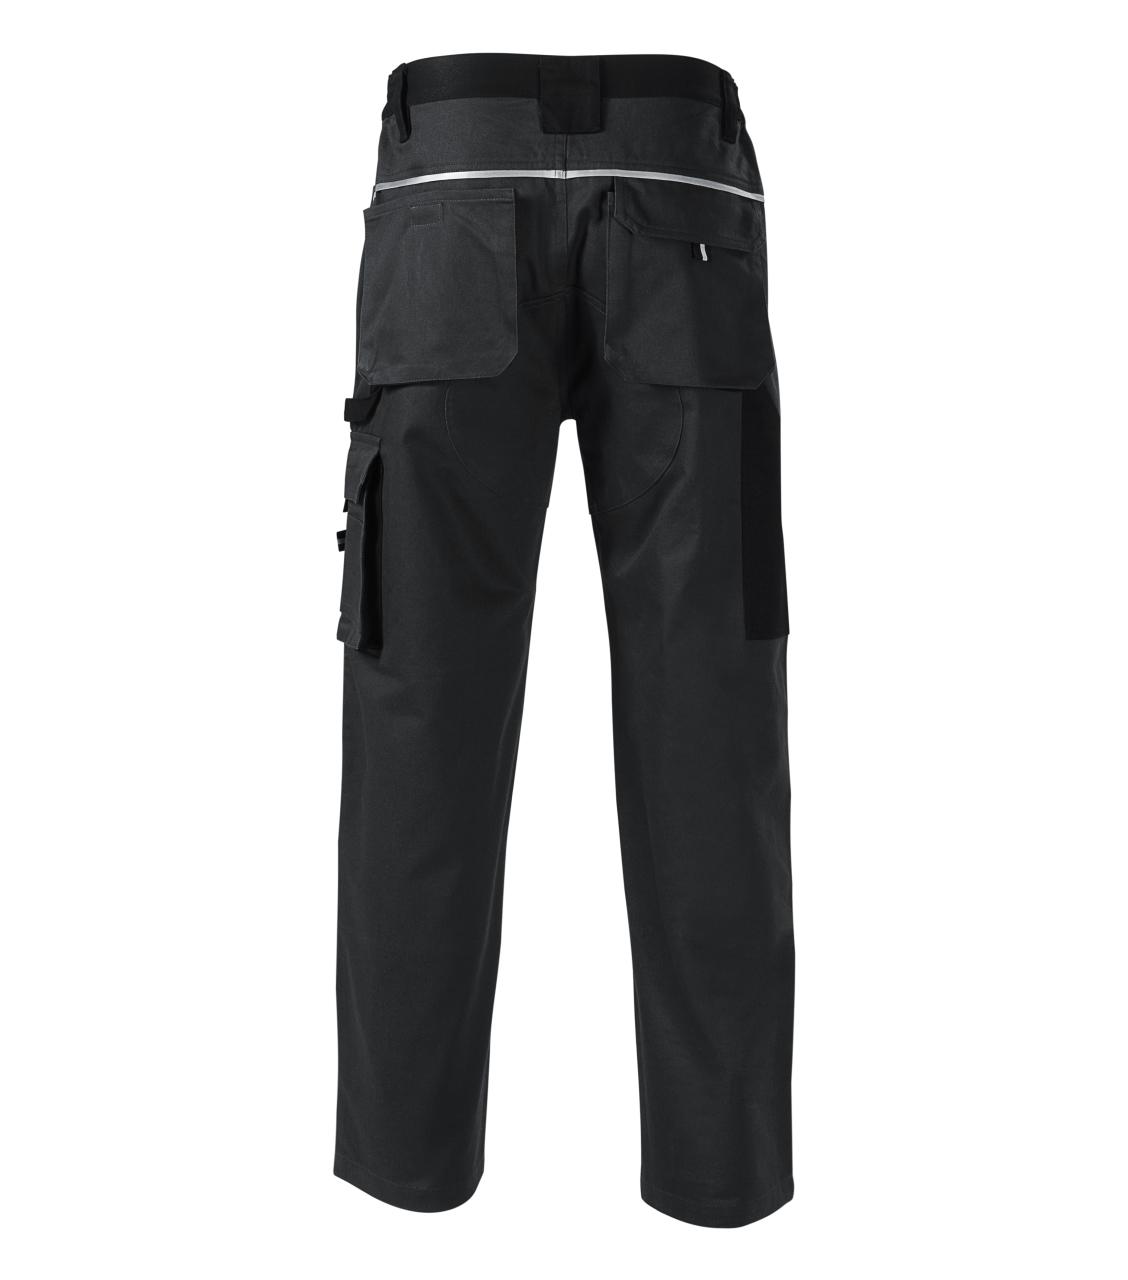 Woody pracovní kalhoty pánské Rimeck ADLER CZECH ebony gray S